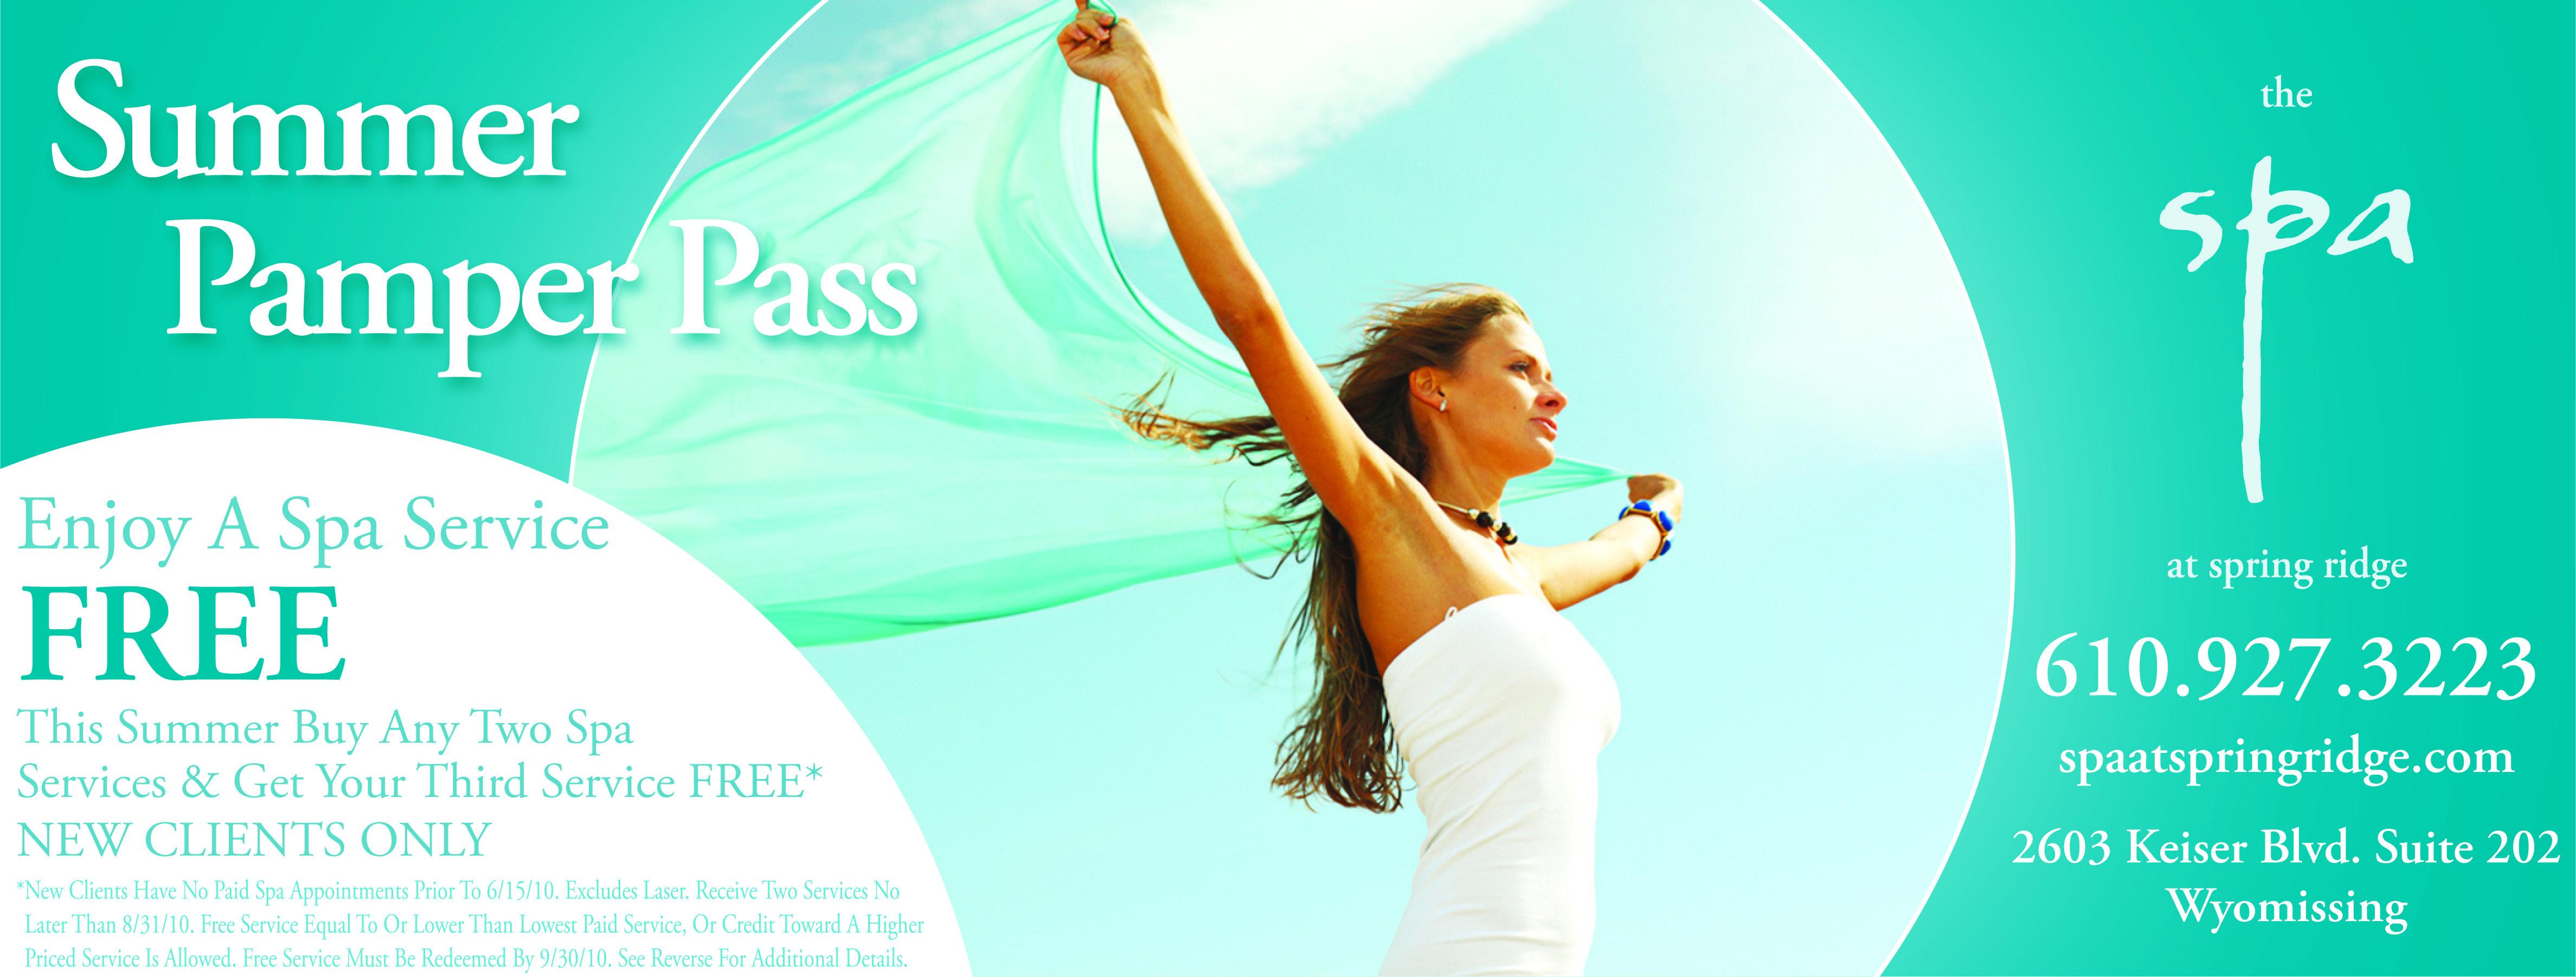 Spa Specials spaspecials specials medspa pamper relax skincare